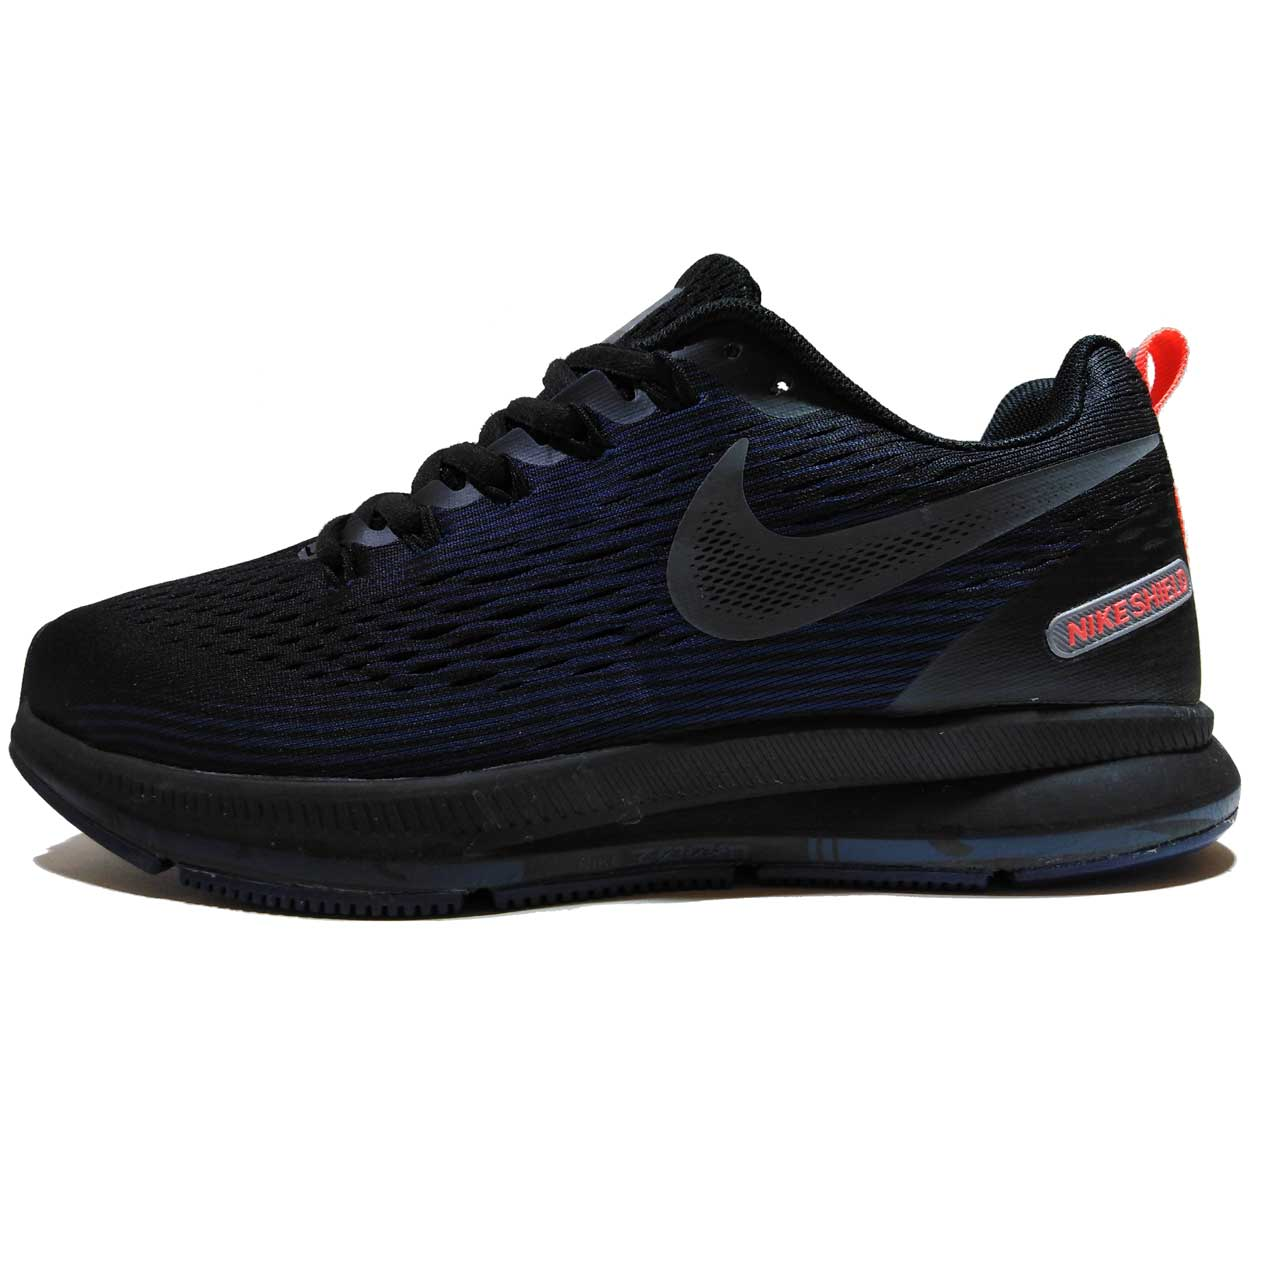 قیمت کفش مخصوص دویدن مردانه مدلAir Zoom Pegasus 34B008